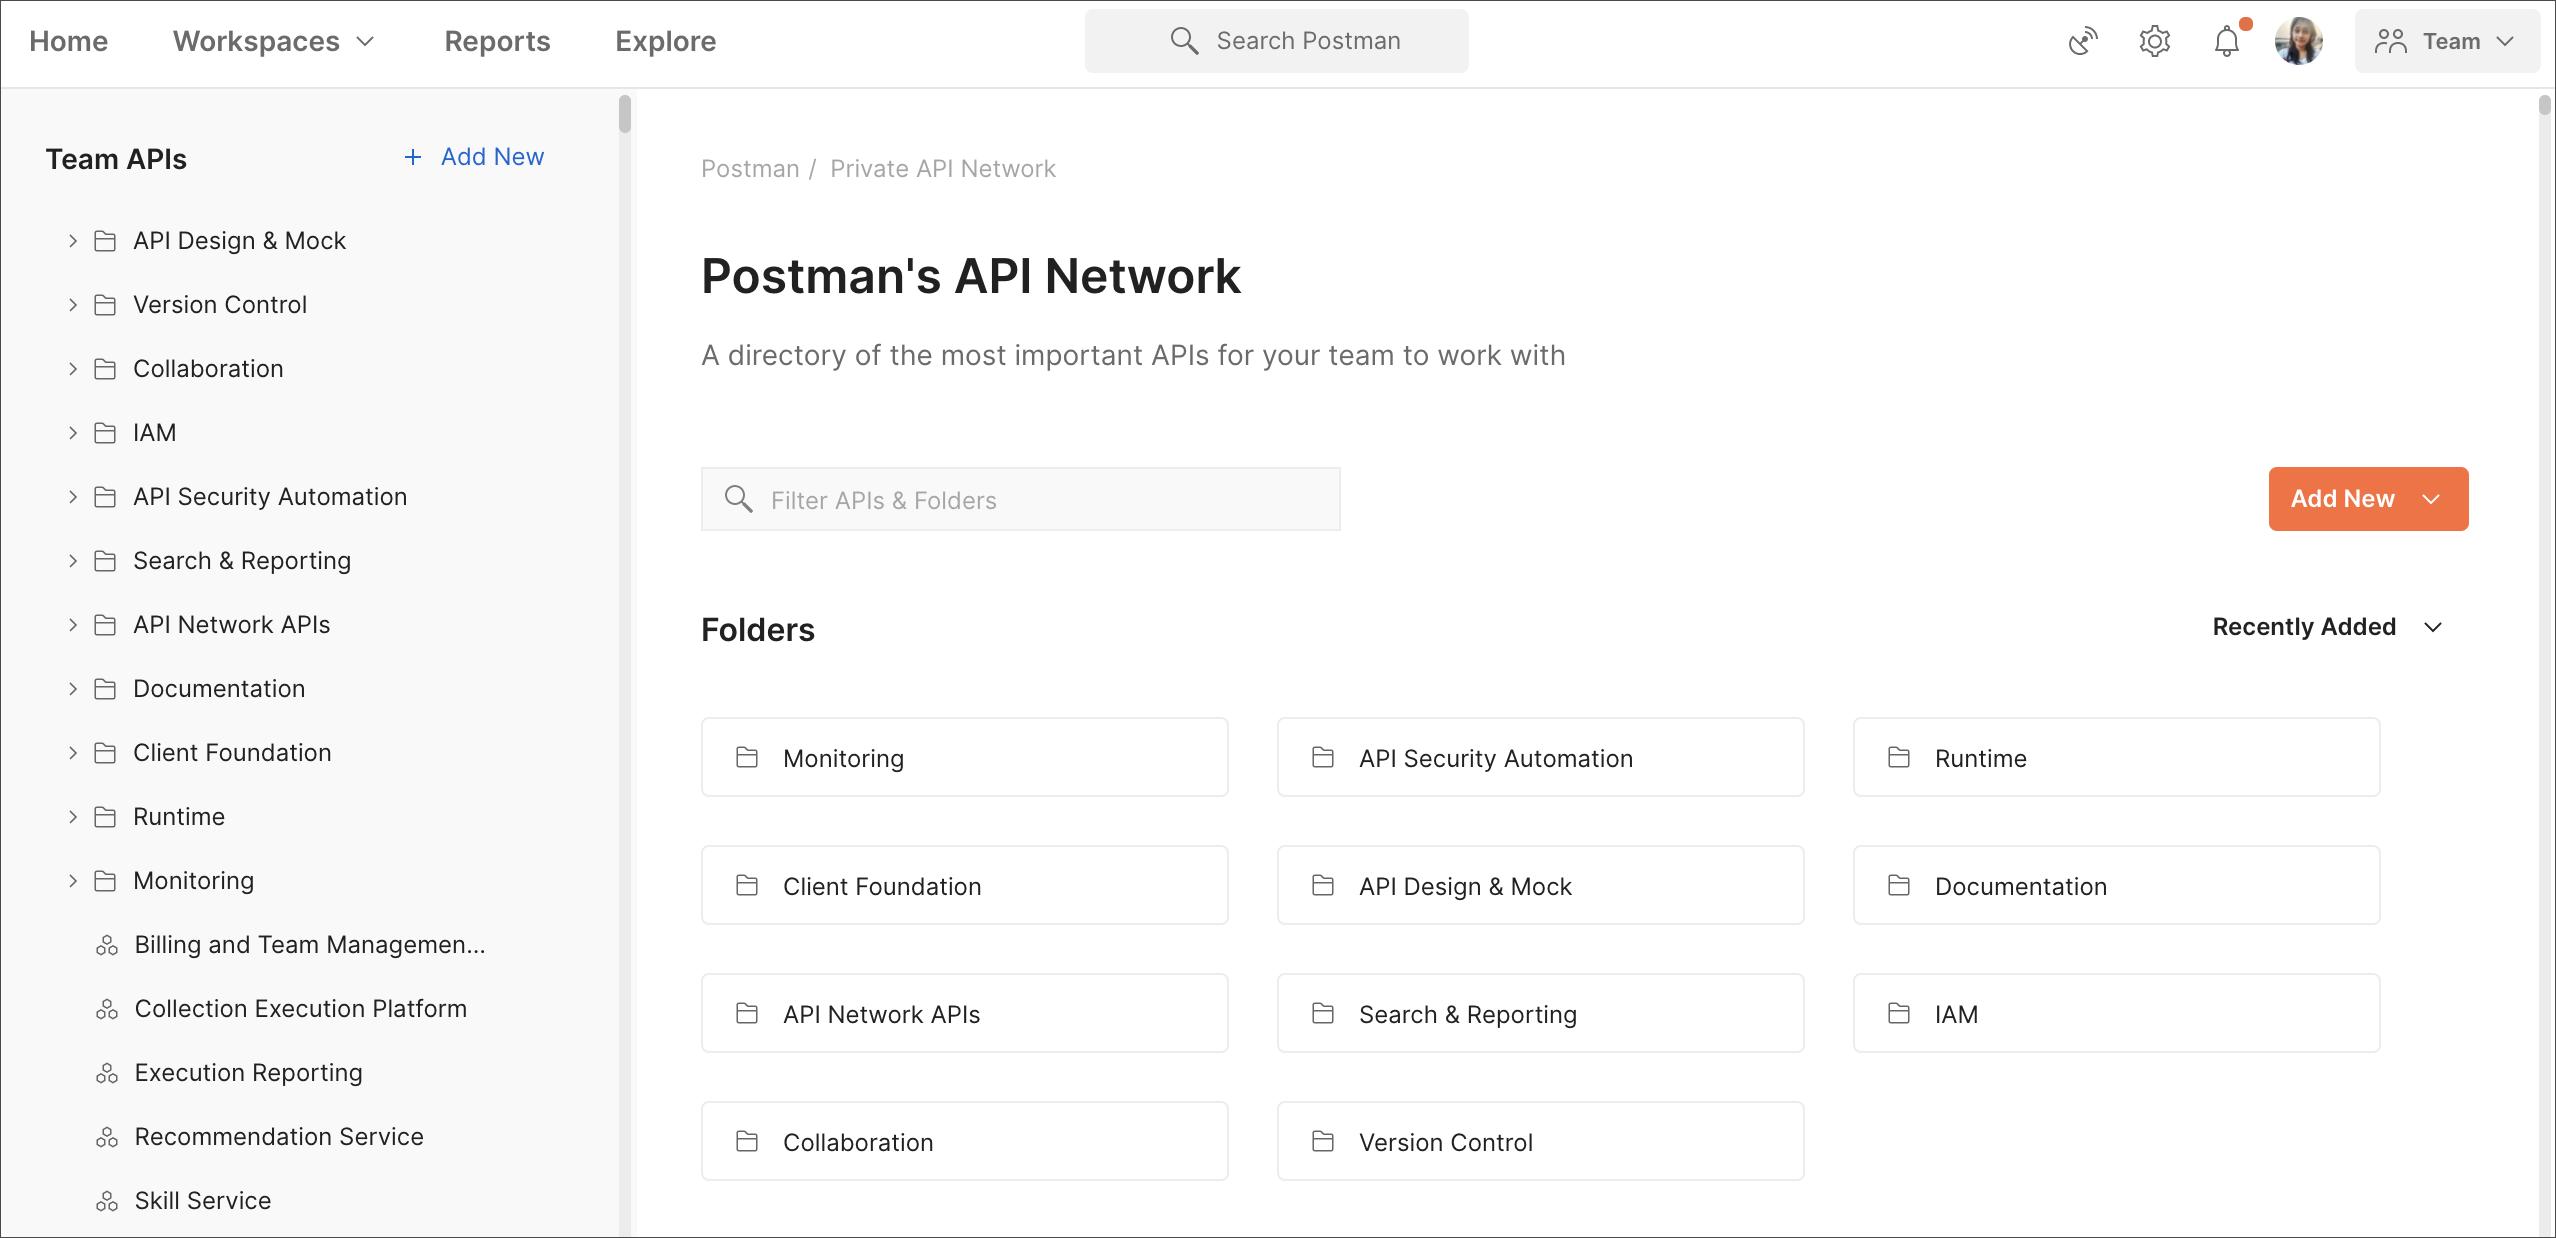 Private API Network